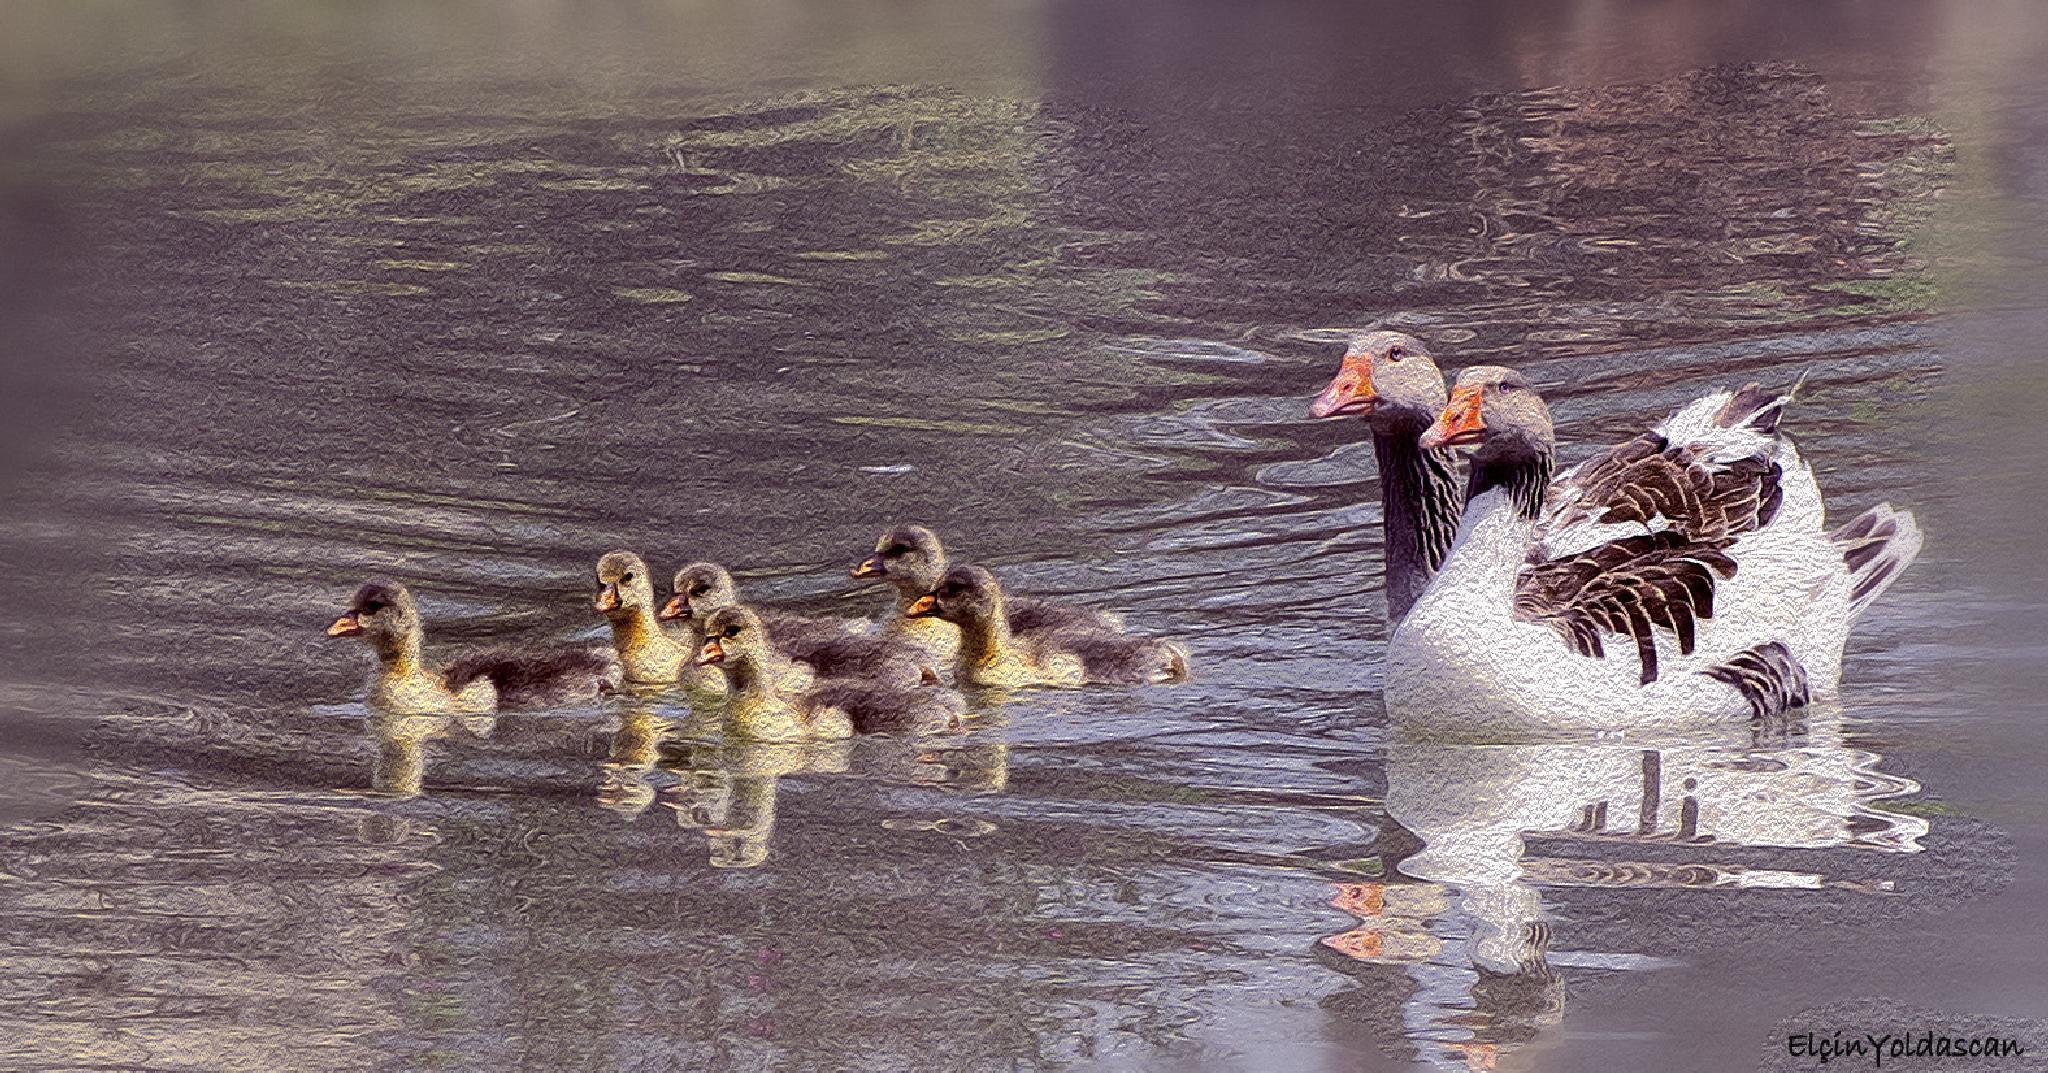 Duck Family by ElcinYoldascan